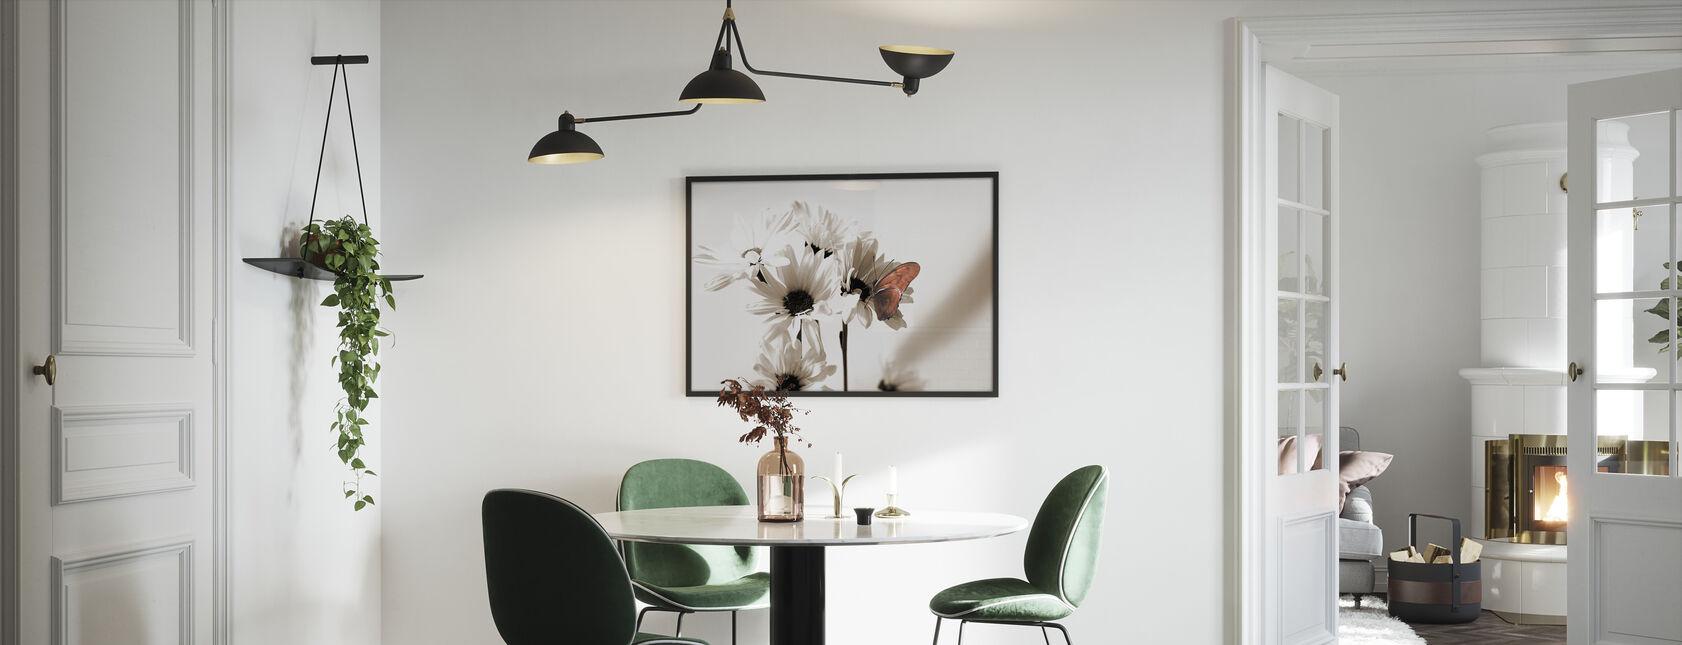 Julia Schmetterling Mitte - Gerahmtes bild - Küchen